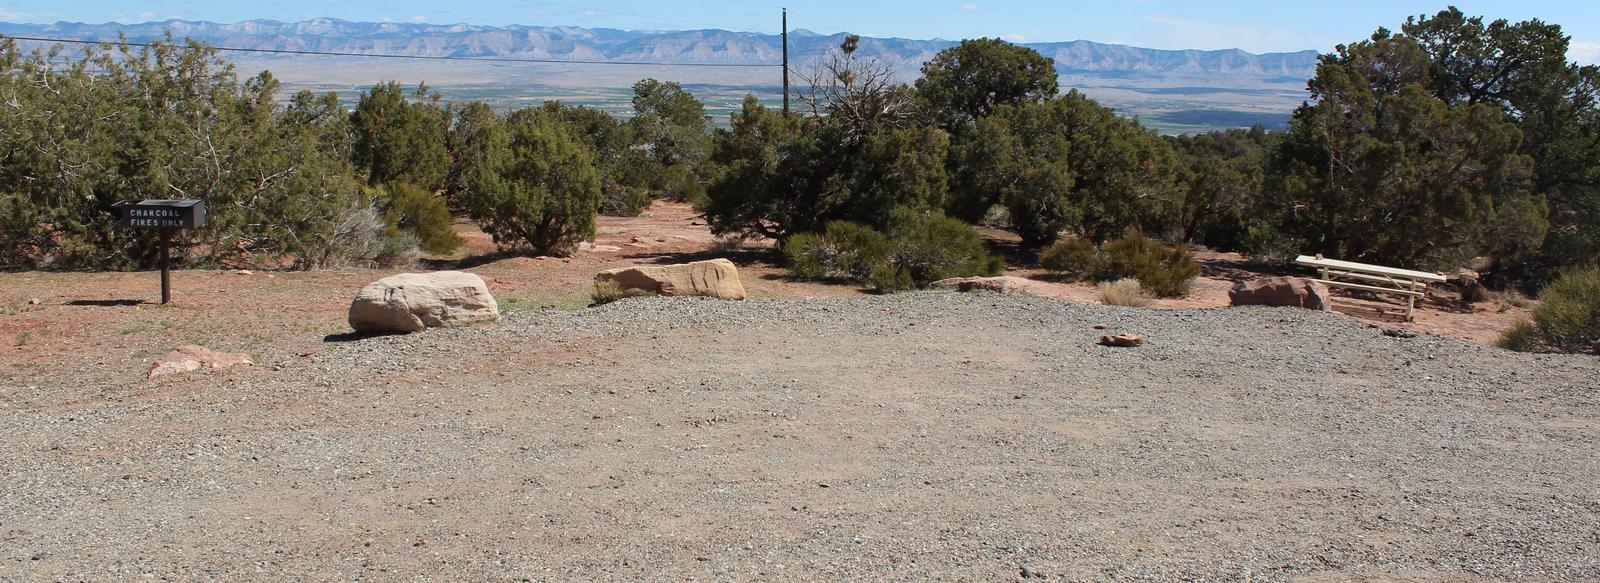 Loop A Site 10